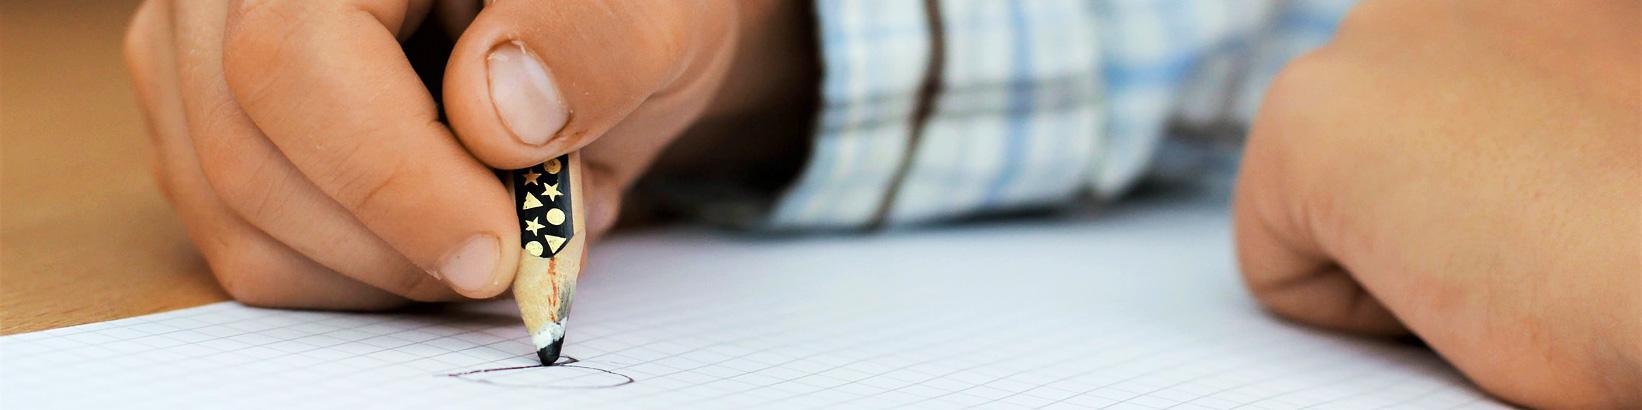 Hand von schreibendem Kind - Grundwortschatz NRW